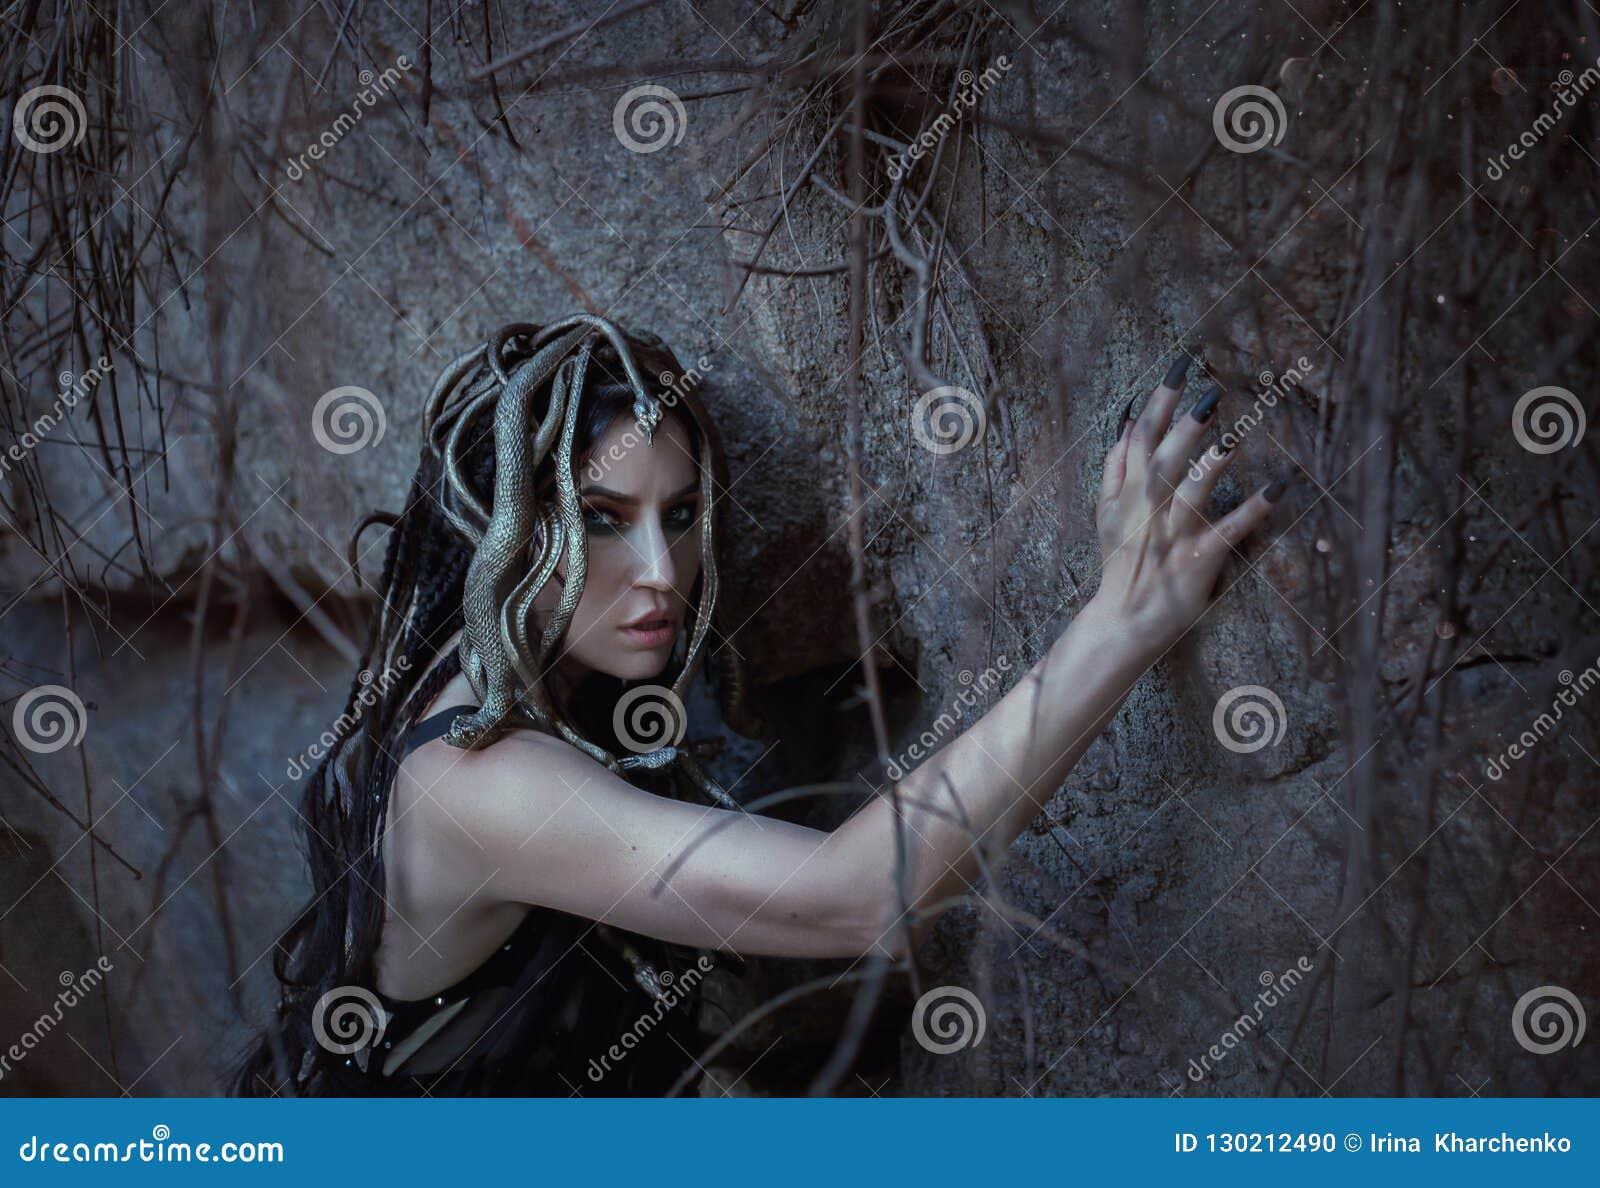 Den MedusaGorgona dottern av guden av havet, som vände från en skönhet in i ett monster, bor på en stenö